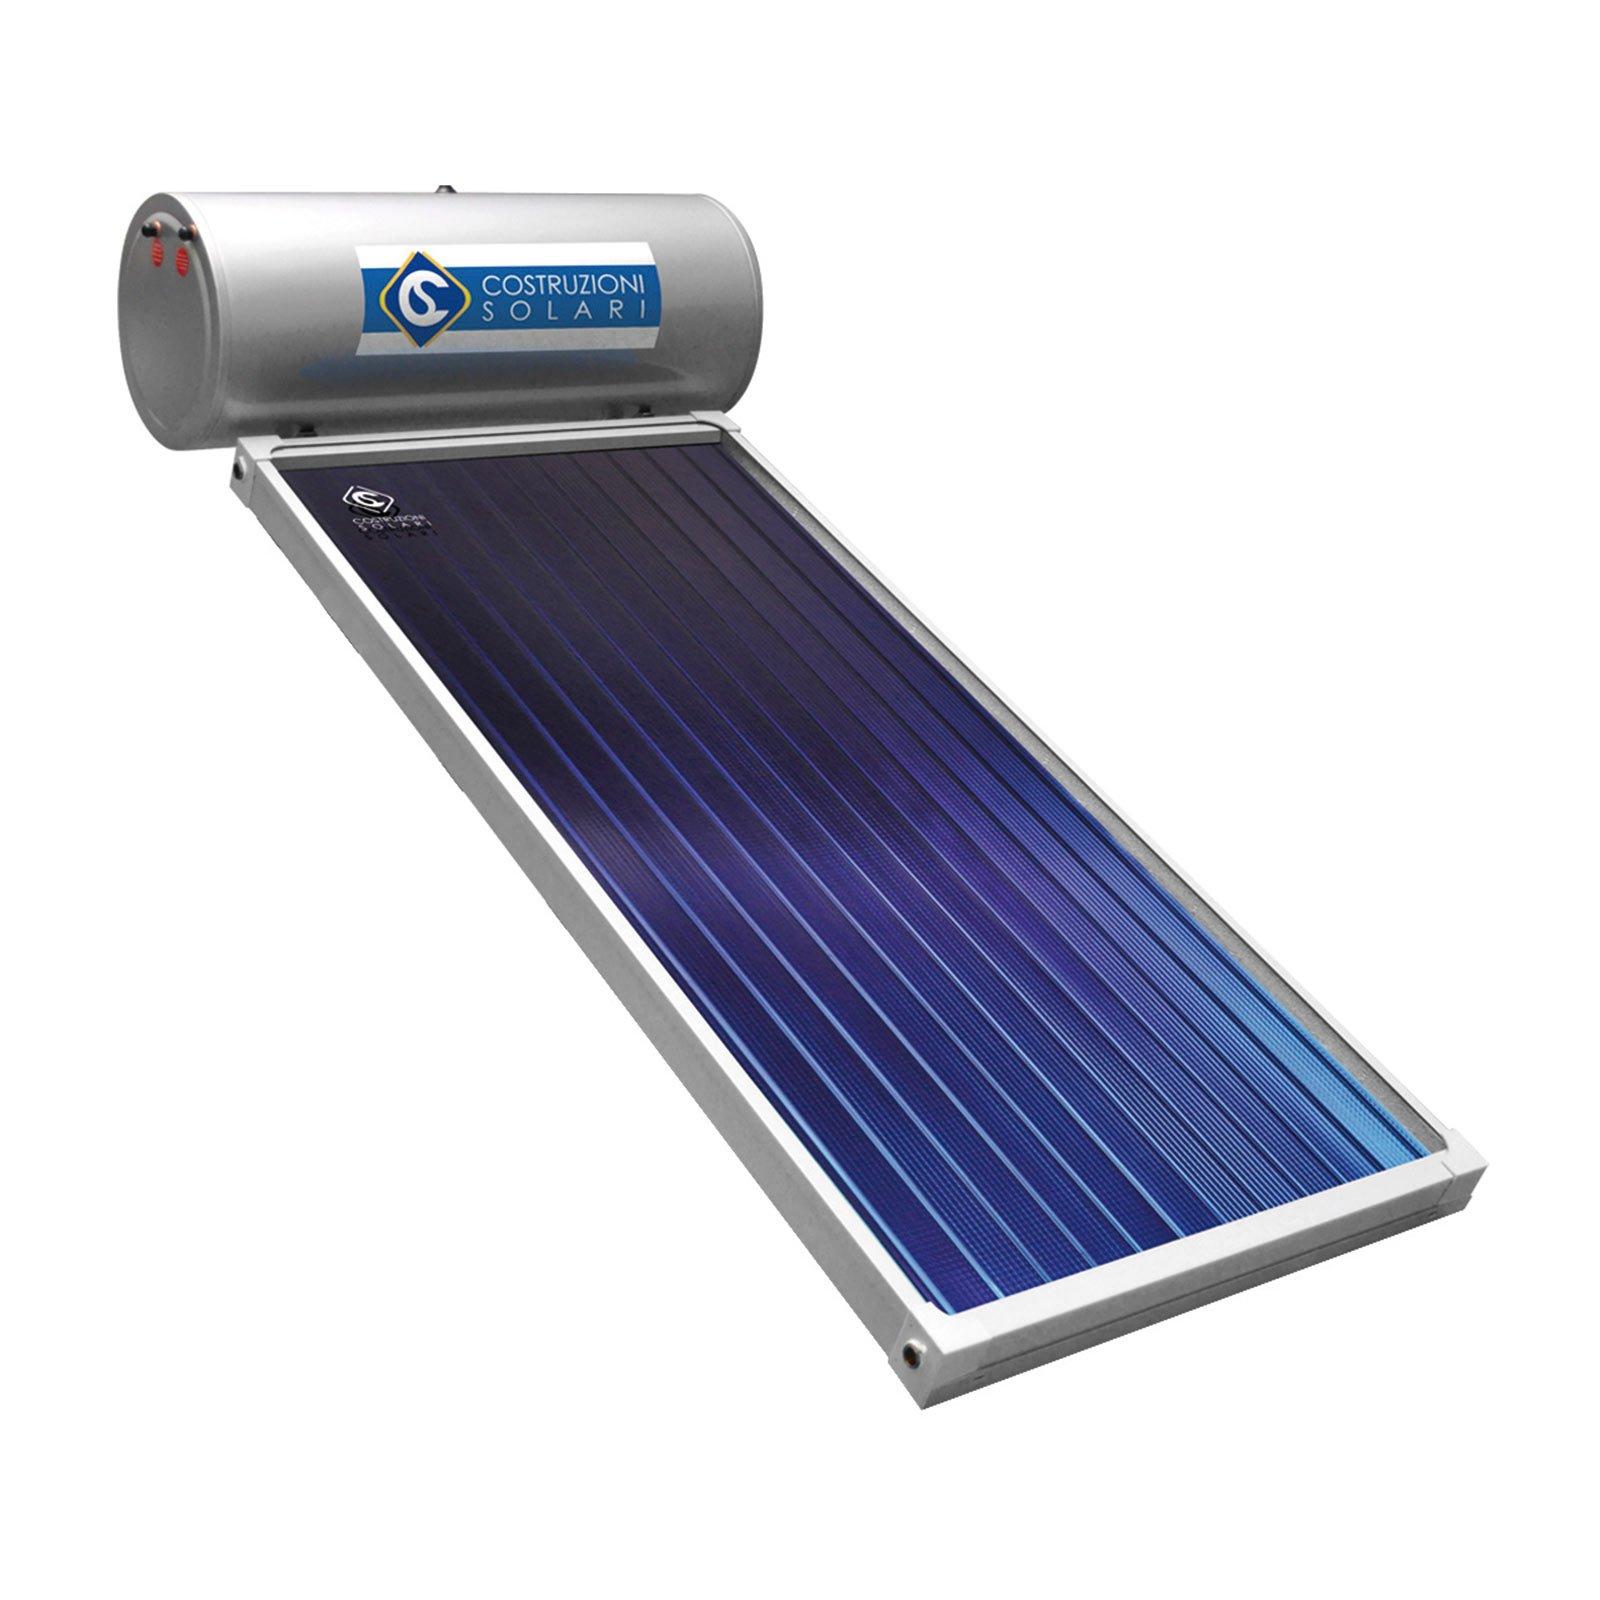 Pannello Solare Termico Integrato : Risparmio e tutelo l ambiente da leroy merlin la festa